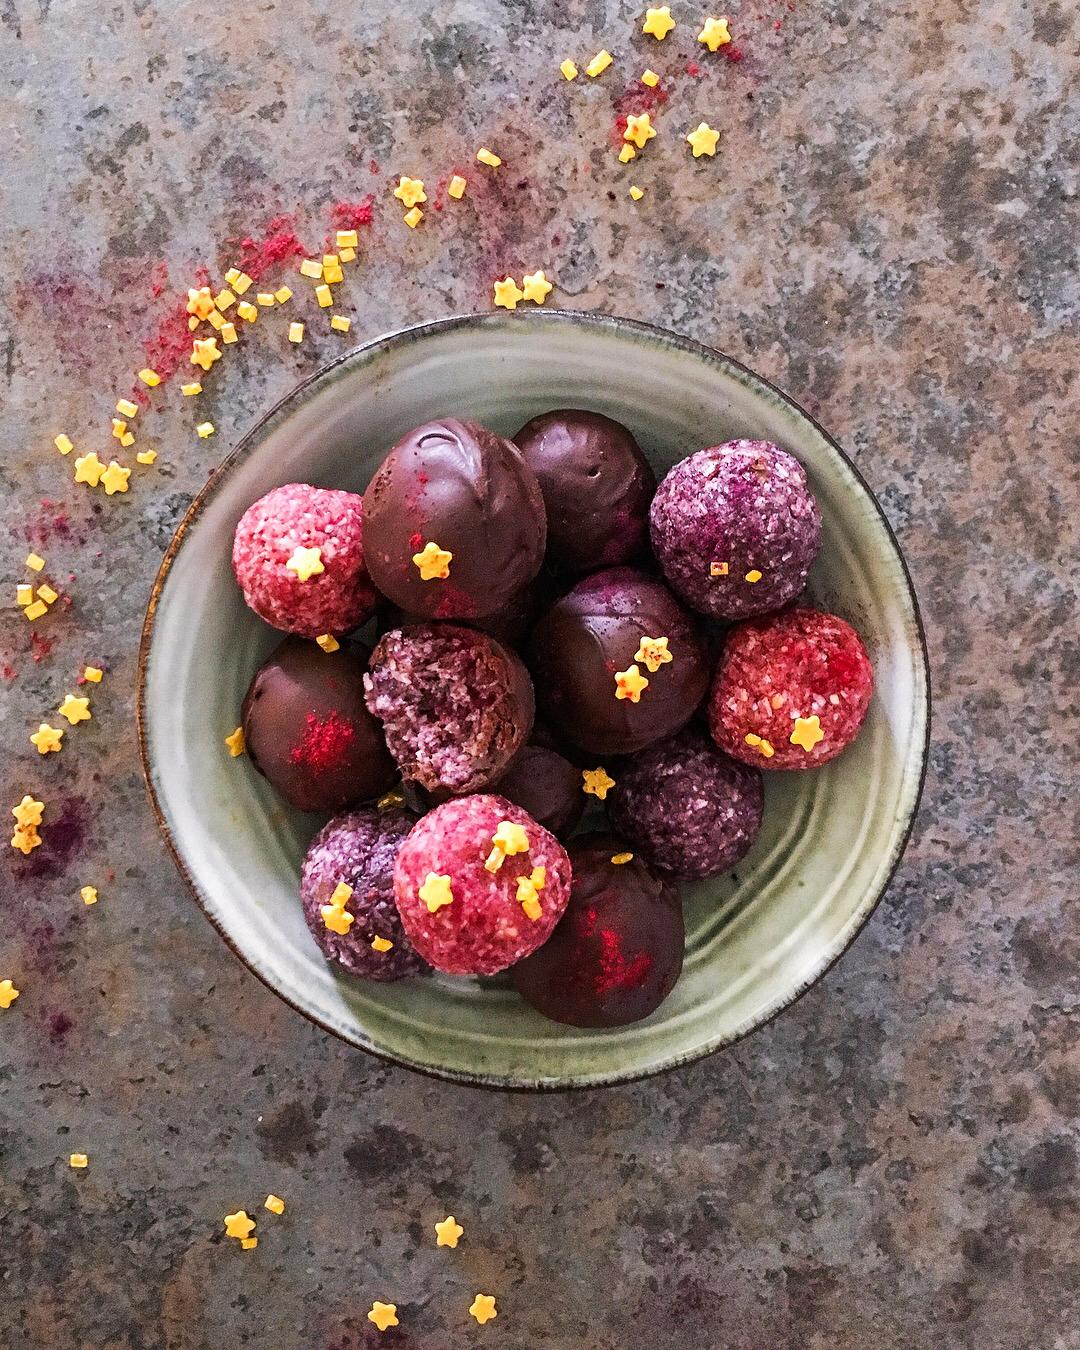 Recette healthy facile : bonbons crus à la noix de coco, betterave et baie de Goji noire